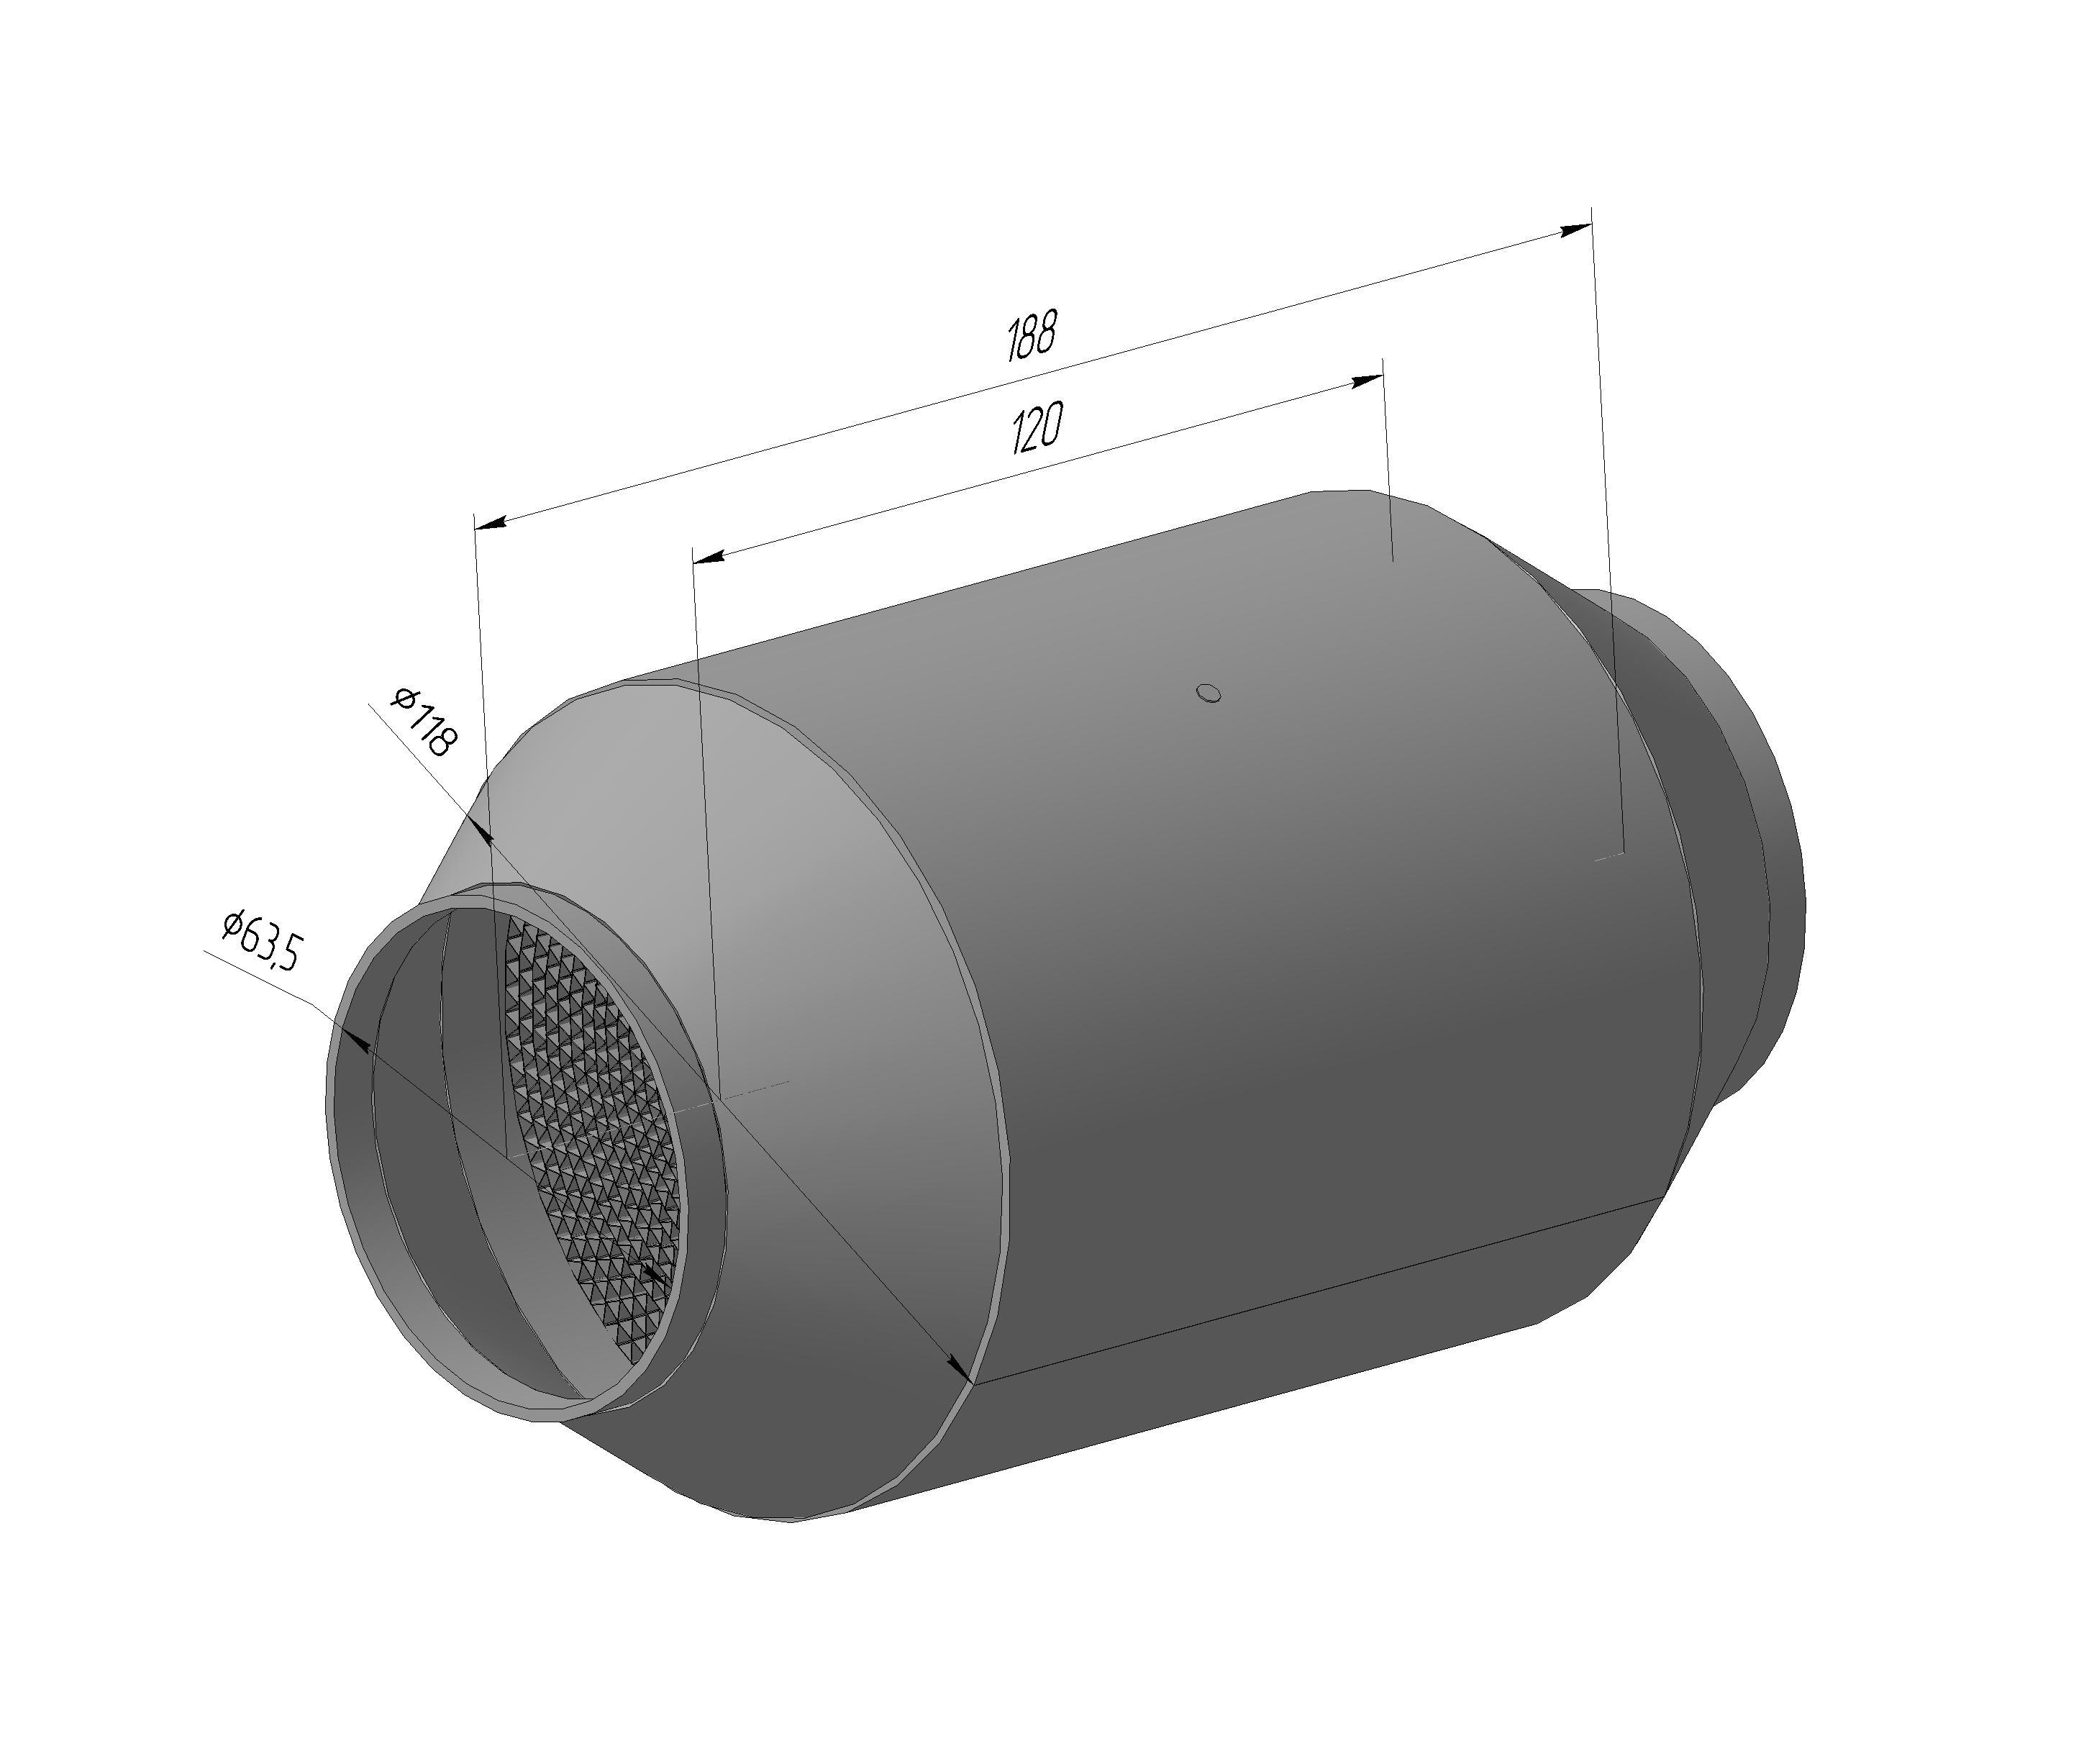 Спортивный катализатор ЭМ.1206.118.63-01